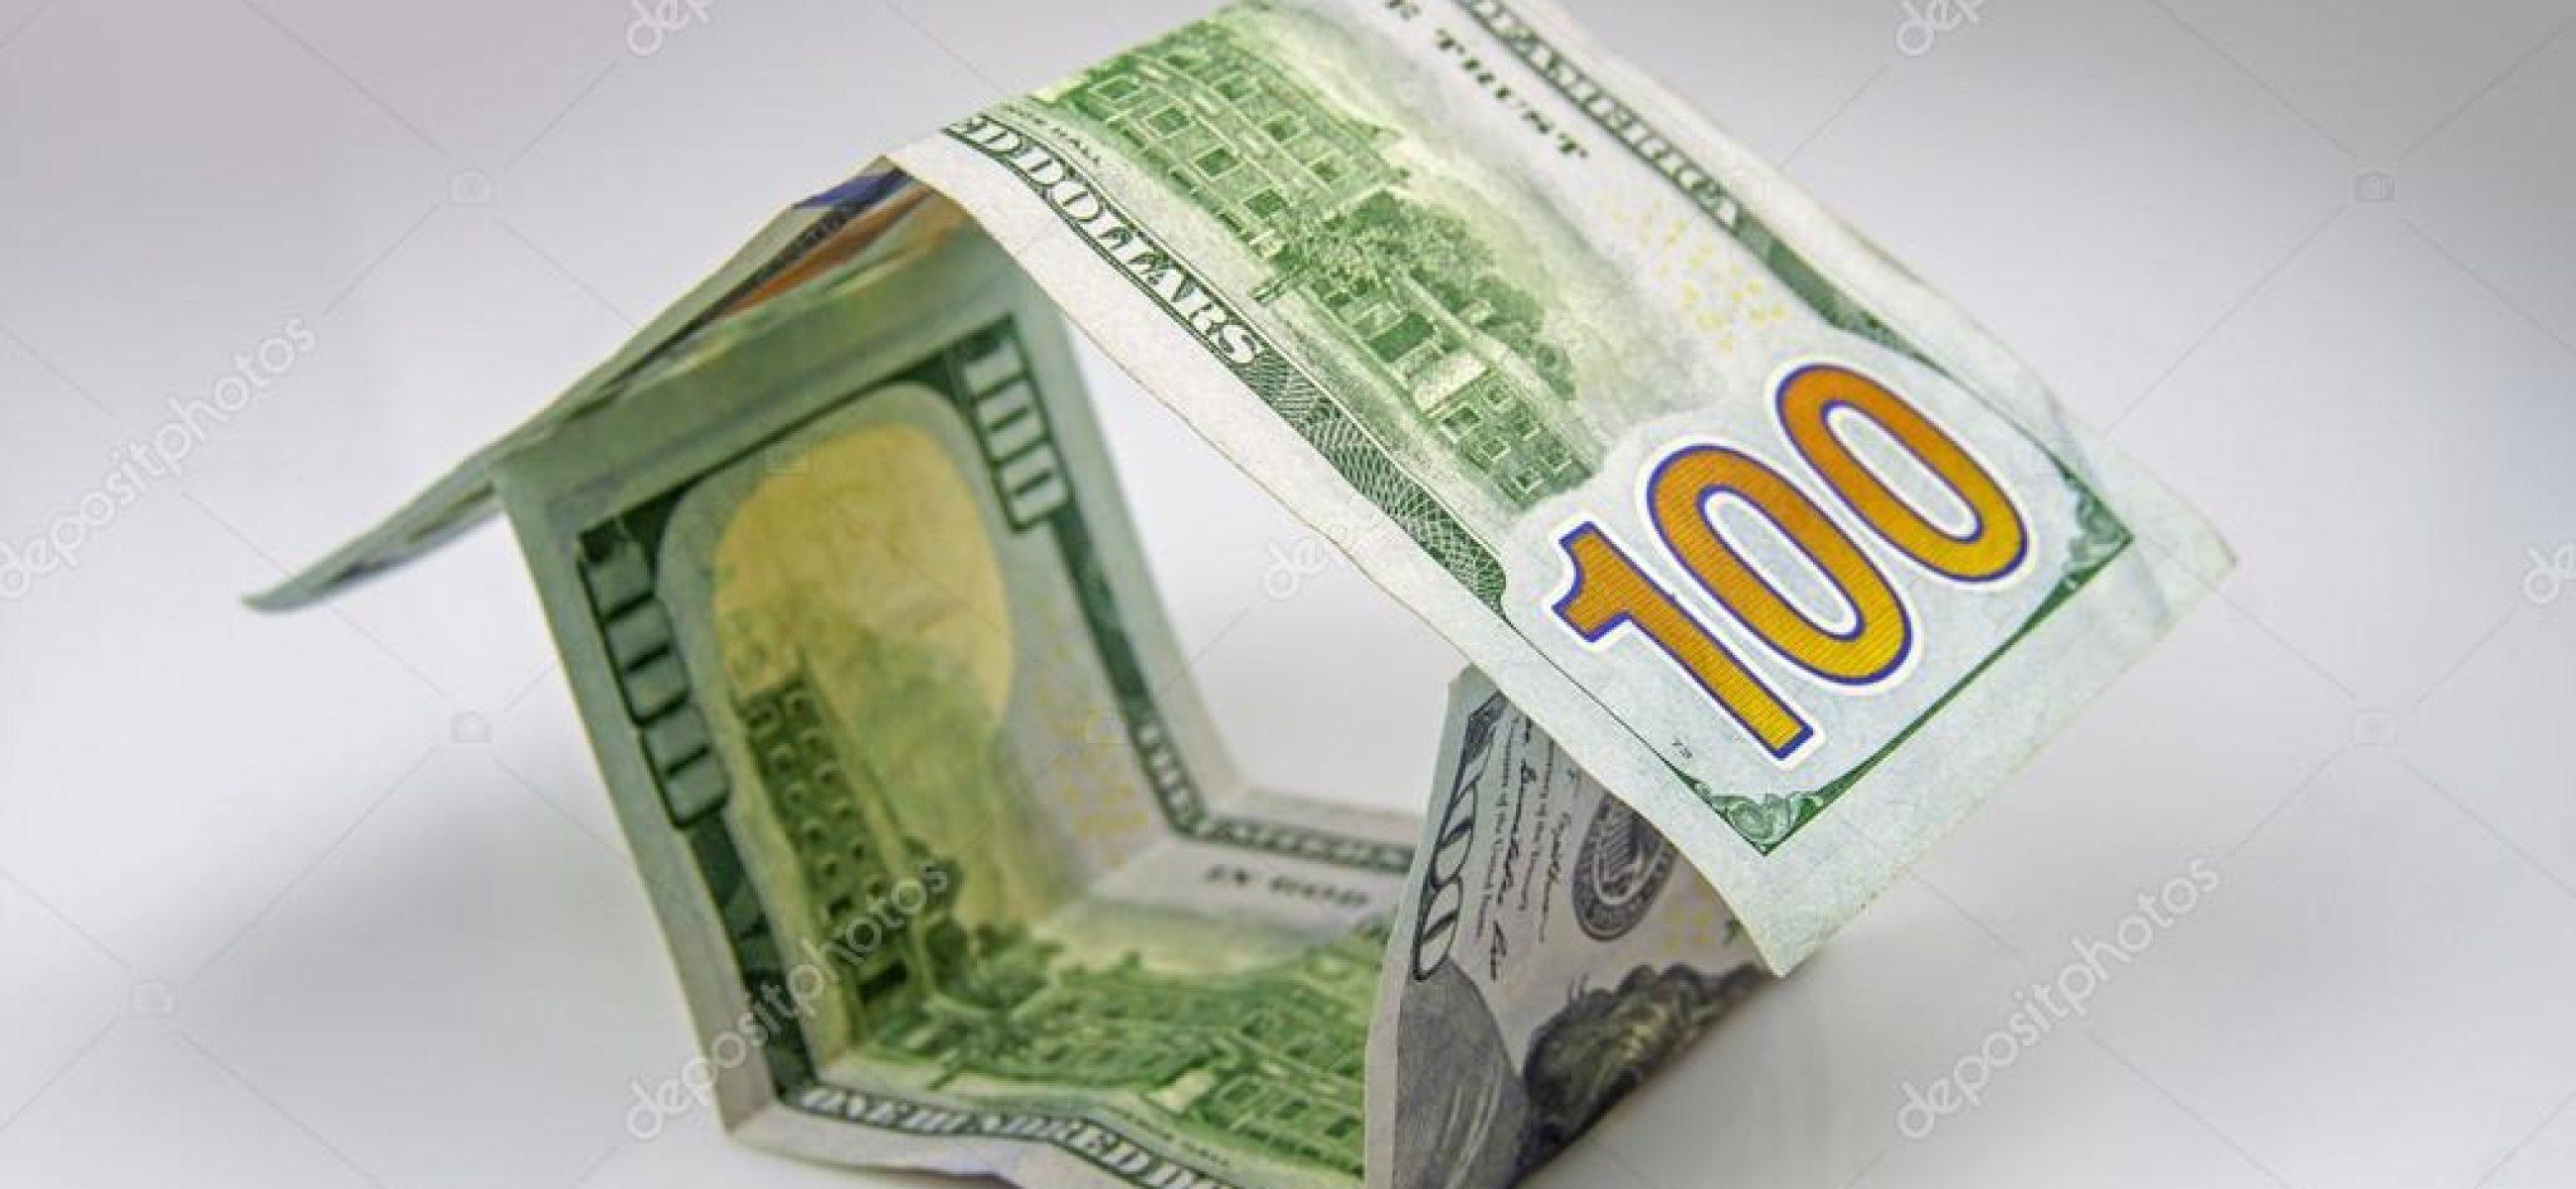 השפעת המס על בעלות בדירה על הנייר (וידאו פוסט)